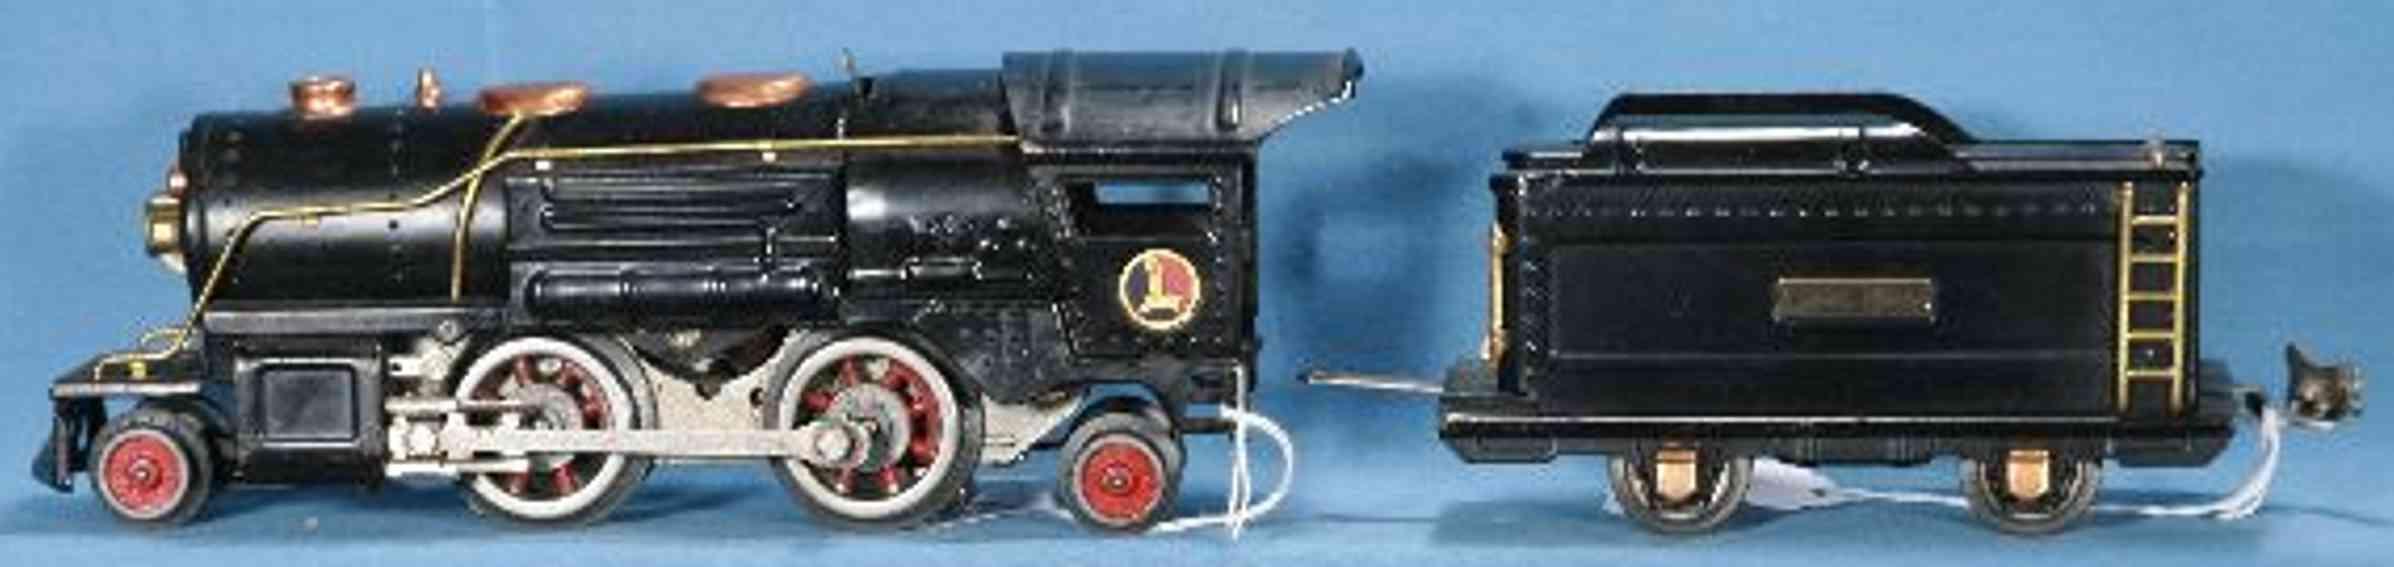 lionel 259e spielzeug eisenbahn dampflokomotive mit tender 259t in schwarz spur 0